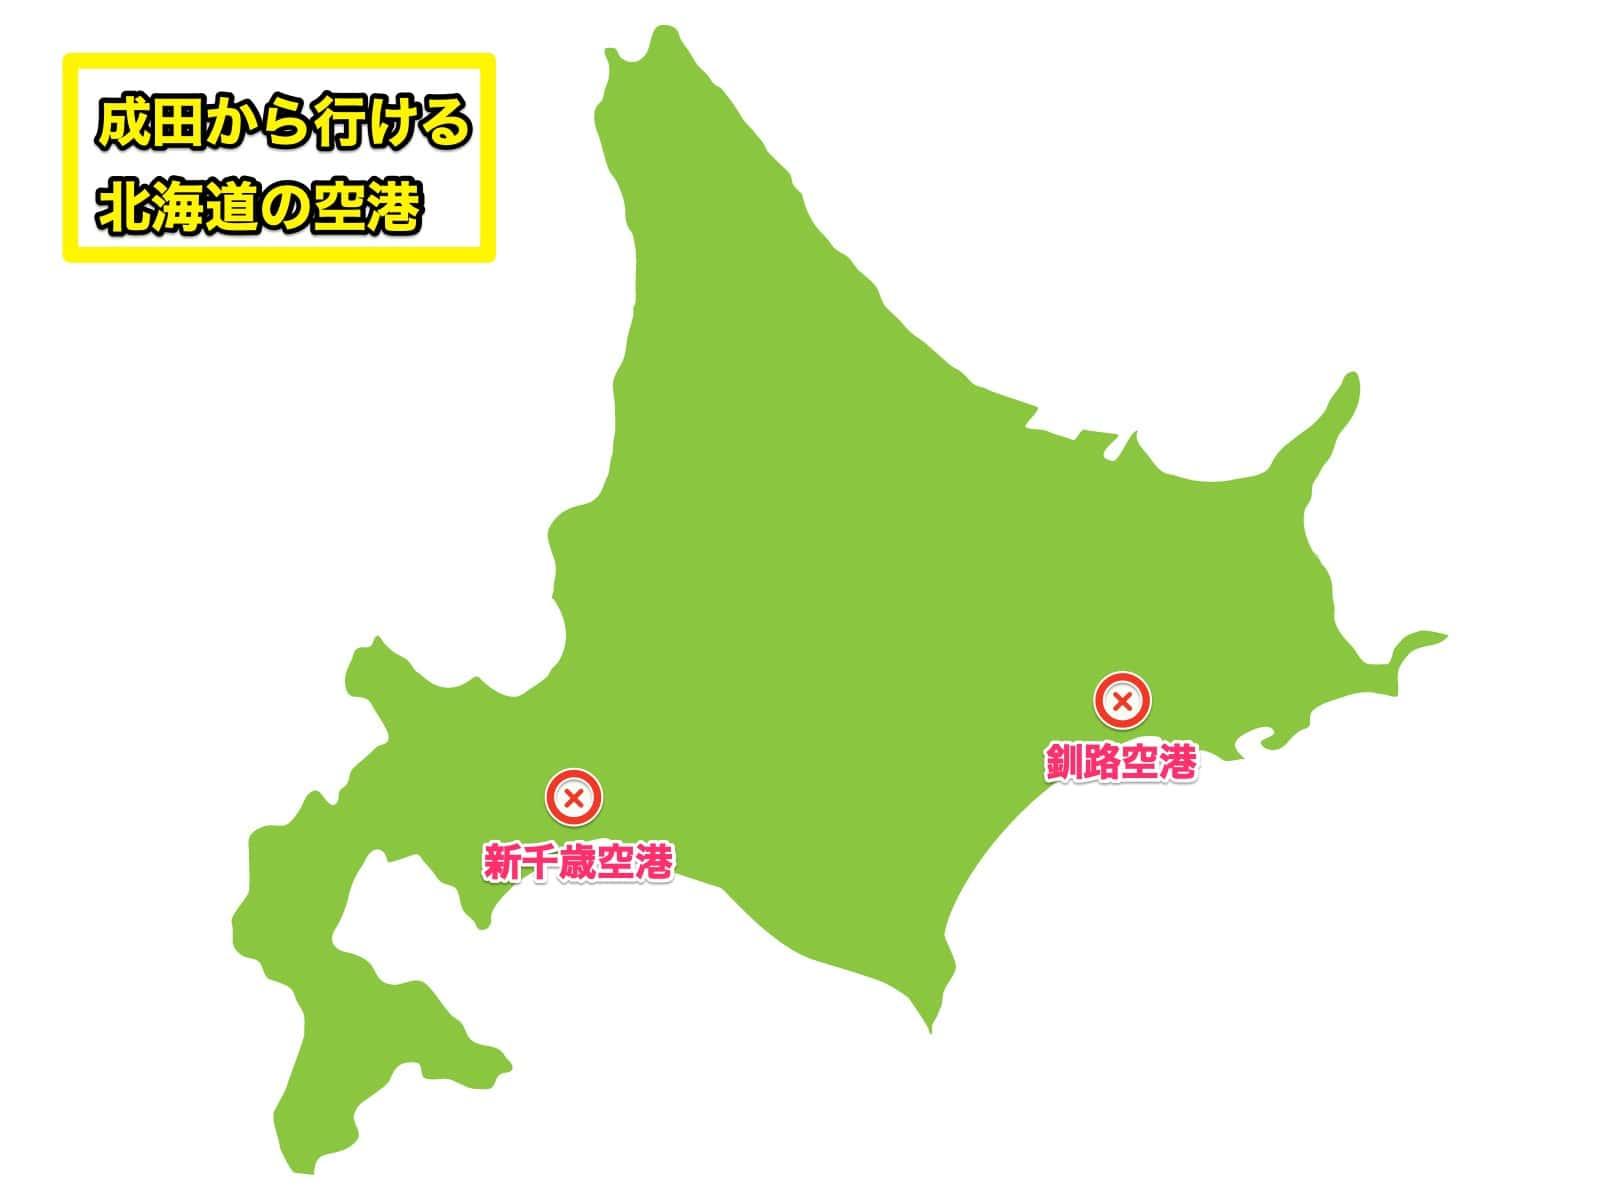 成田空港から行ける北海道の空港地図